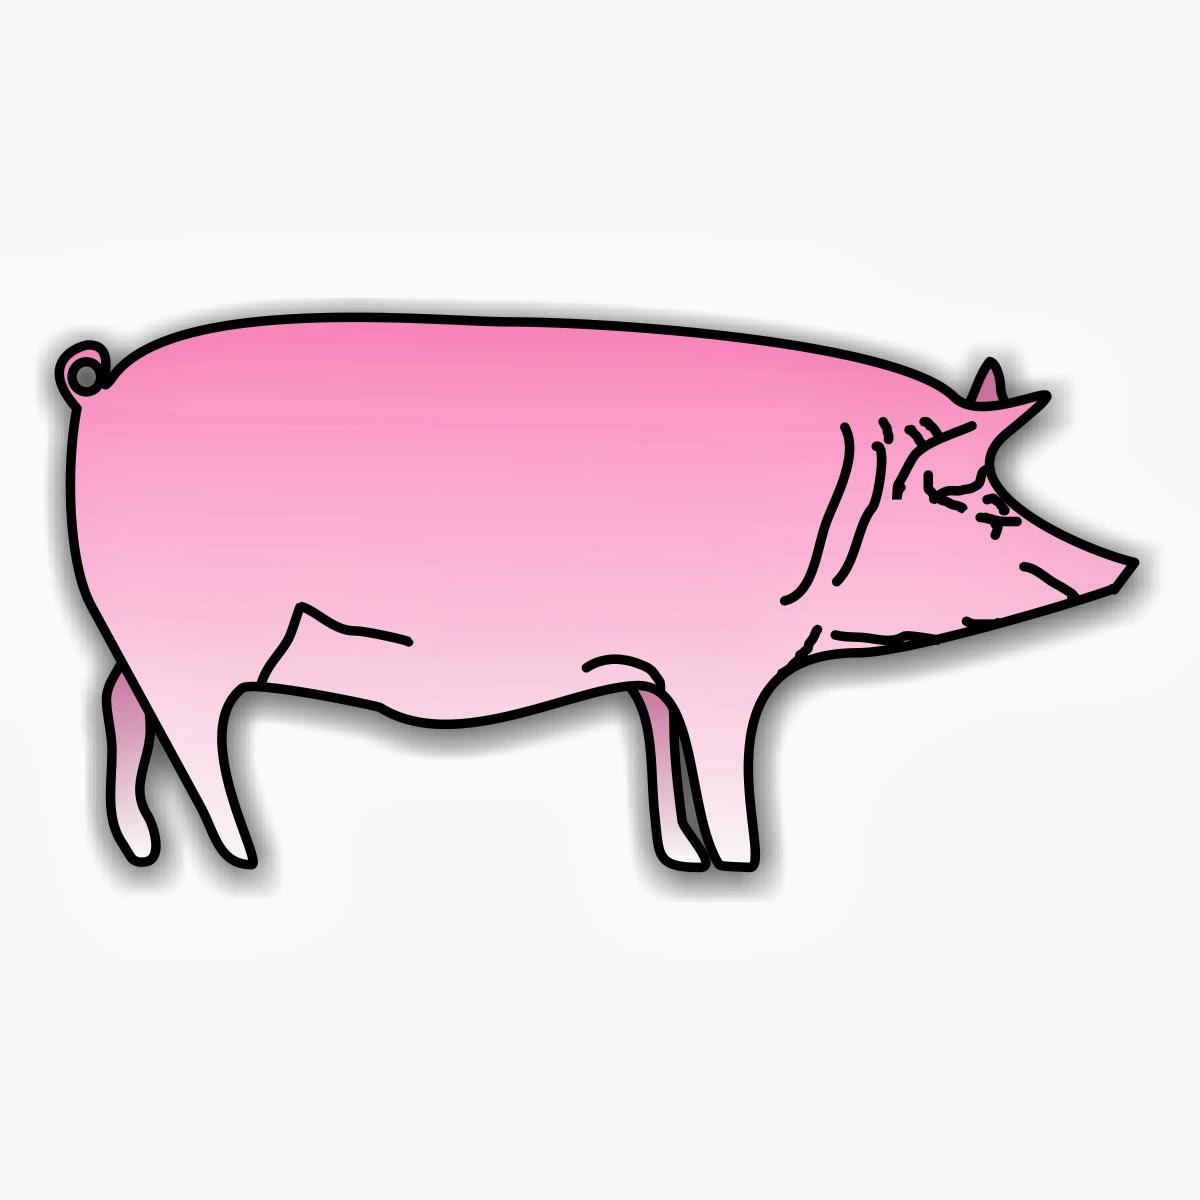 Tolle Malvorlagen Schweine Galerie - Beispiel Business Lebenslauf ...